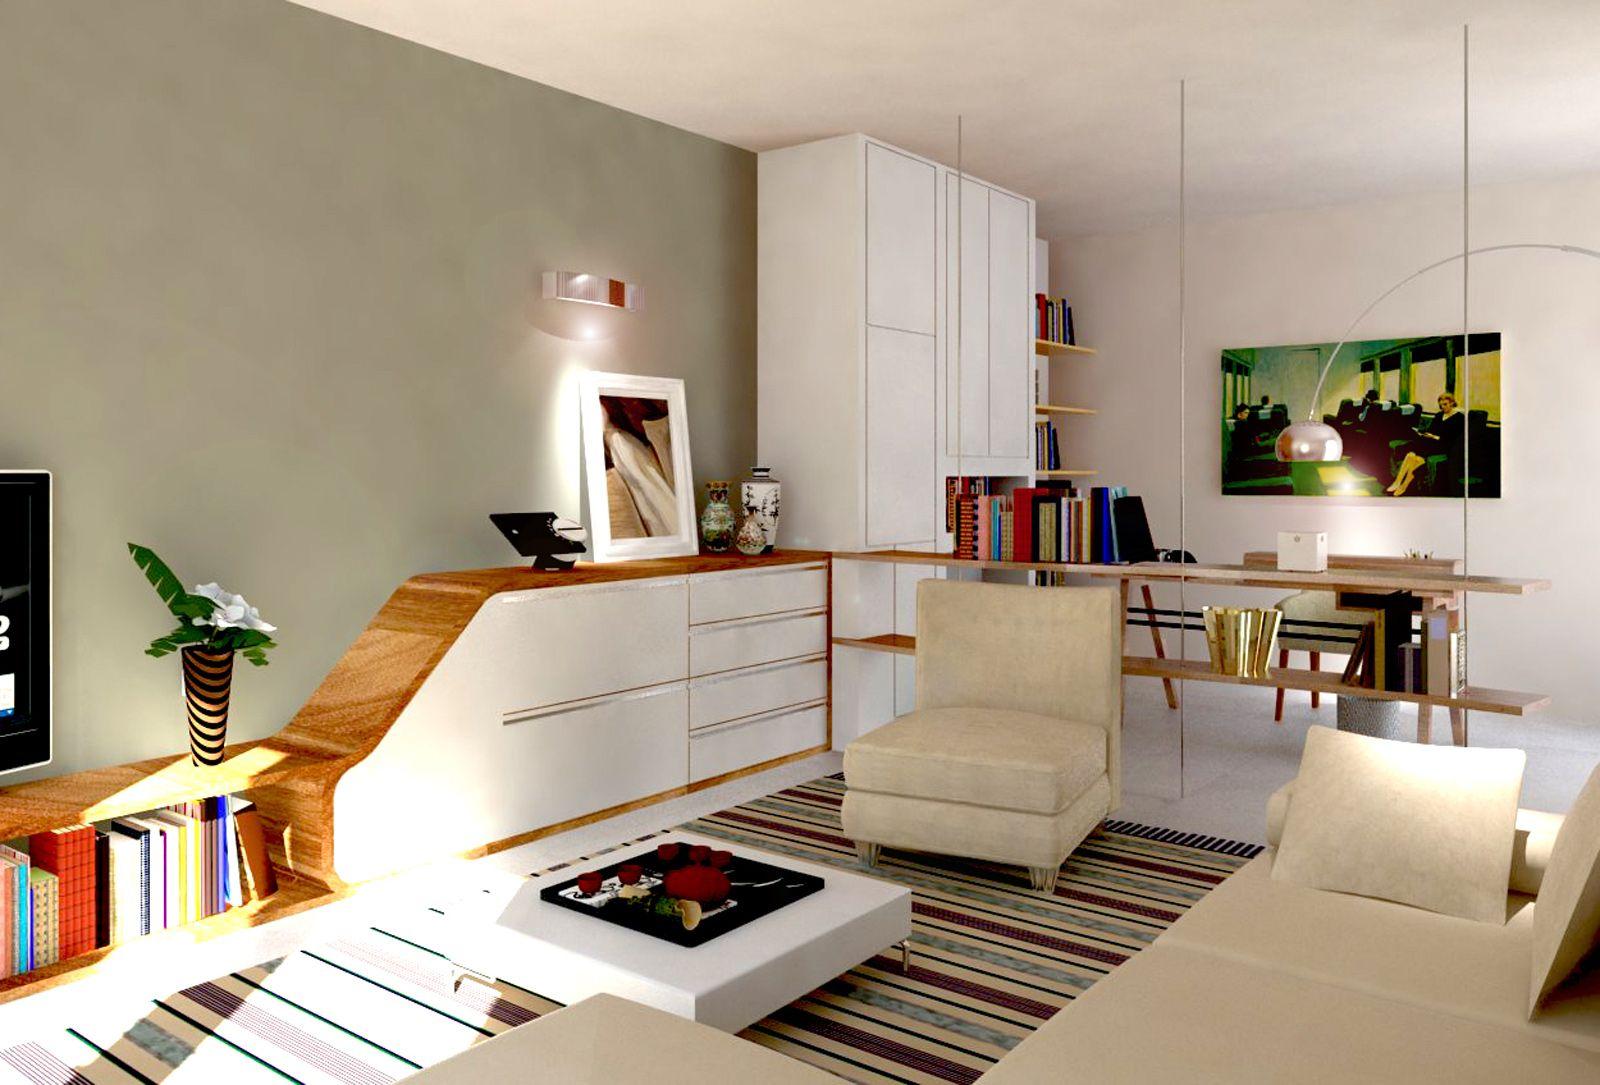 Mensole Sospese Al Soffitto.Ricavare In Soggiorno Una Zona Studio E Tanto Spazio Per Contenere